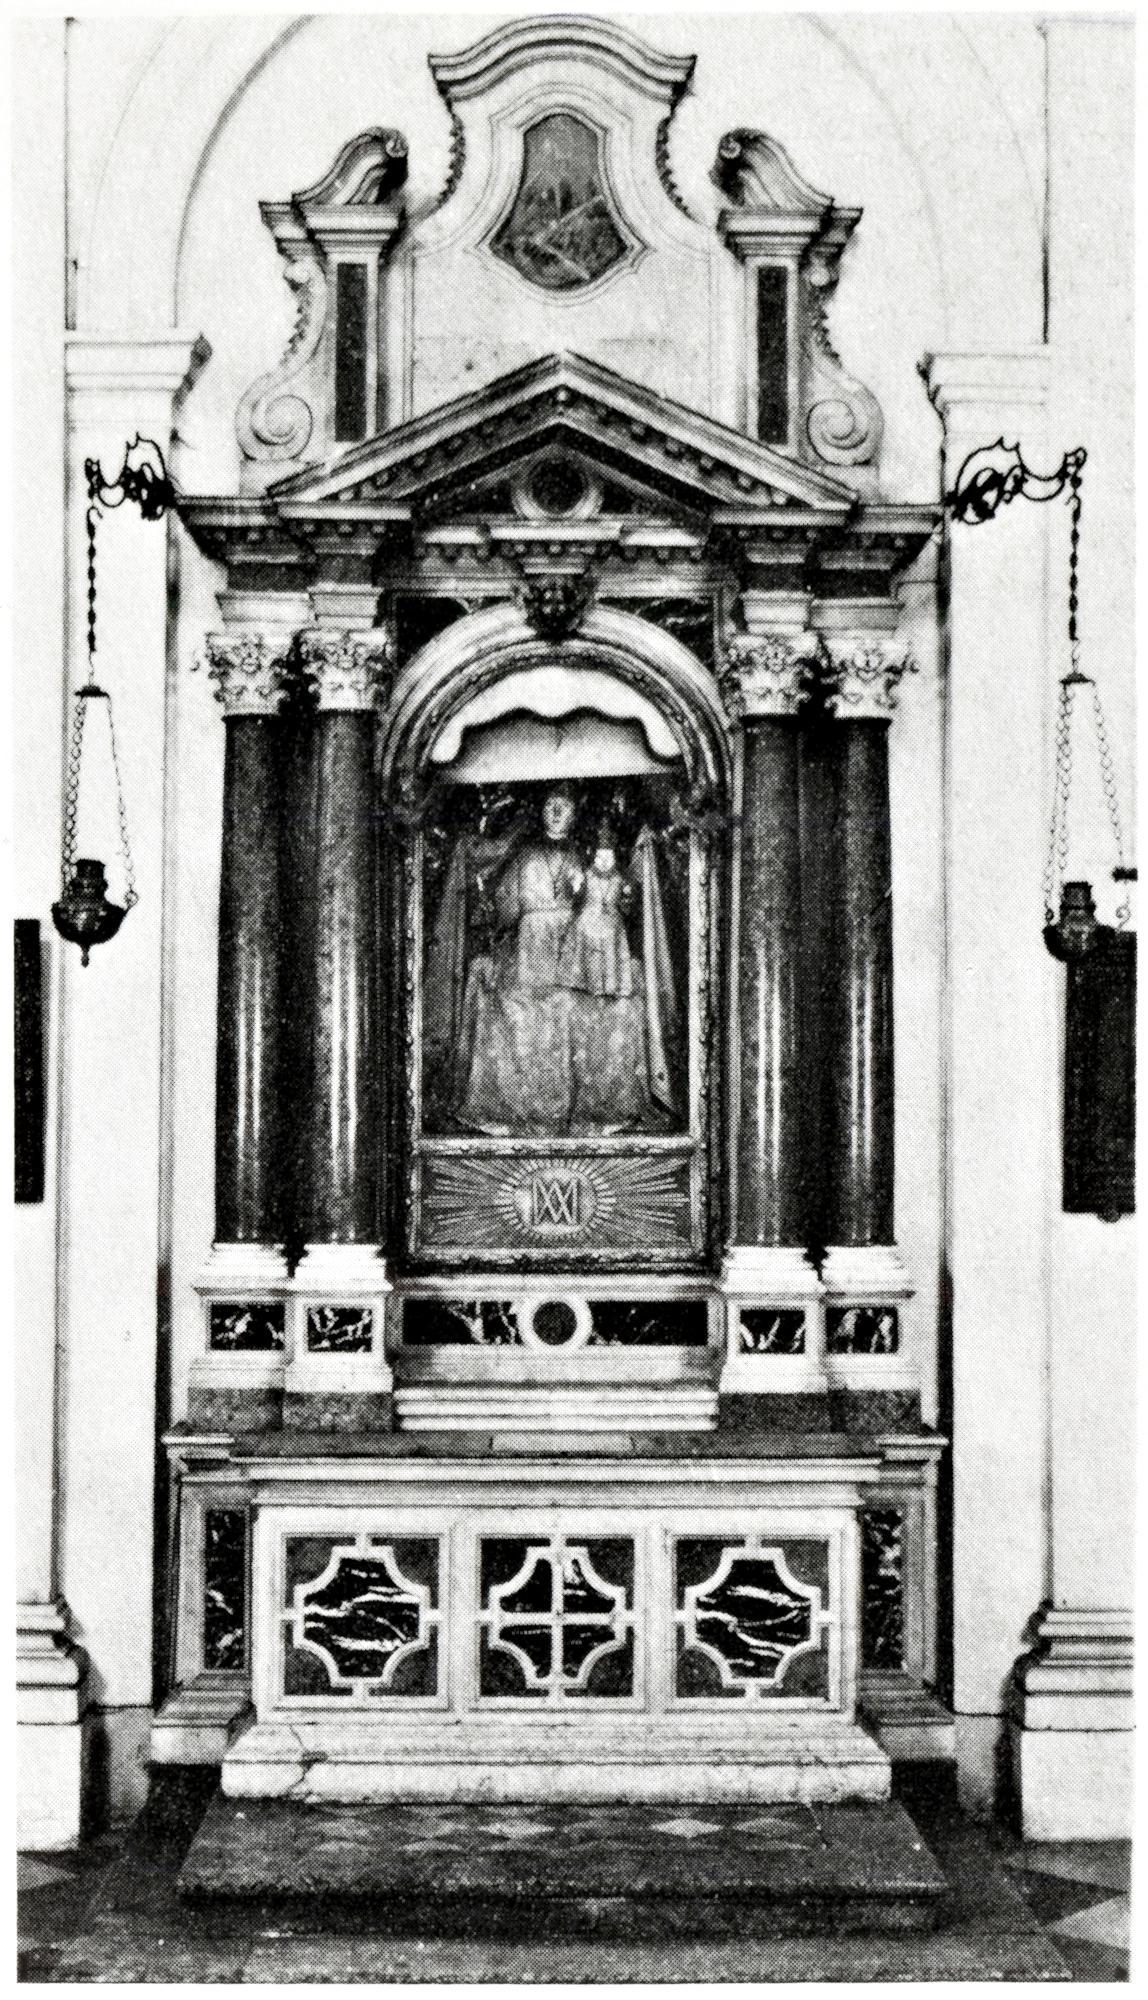 L'altare del Sacro Cuore, vecchia chiesa di S. Giacomo, Battaglia Terme.